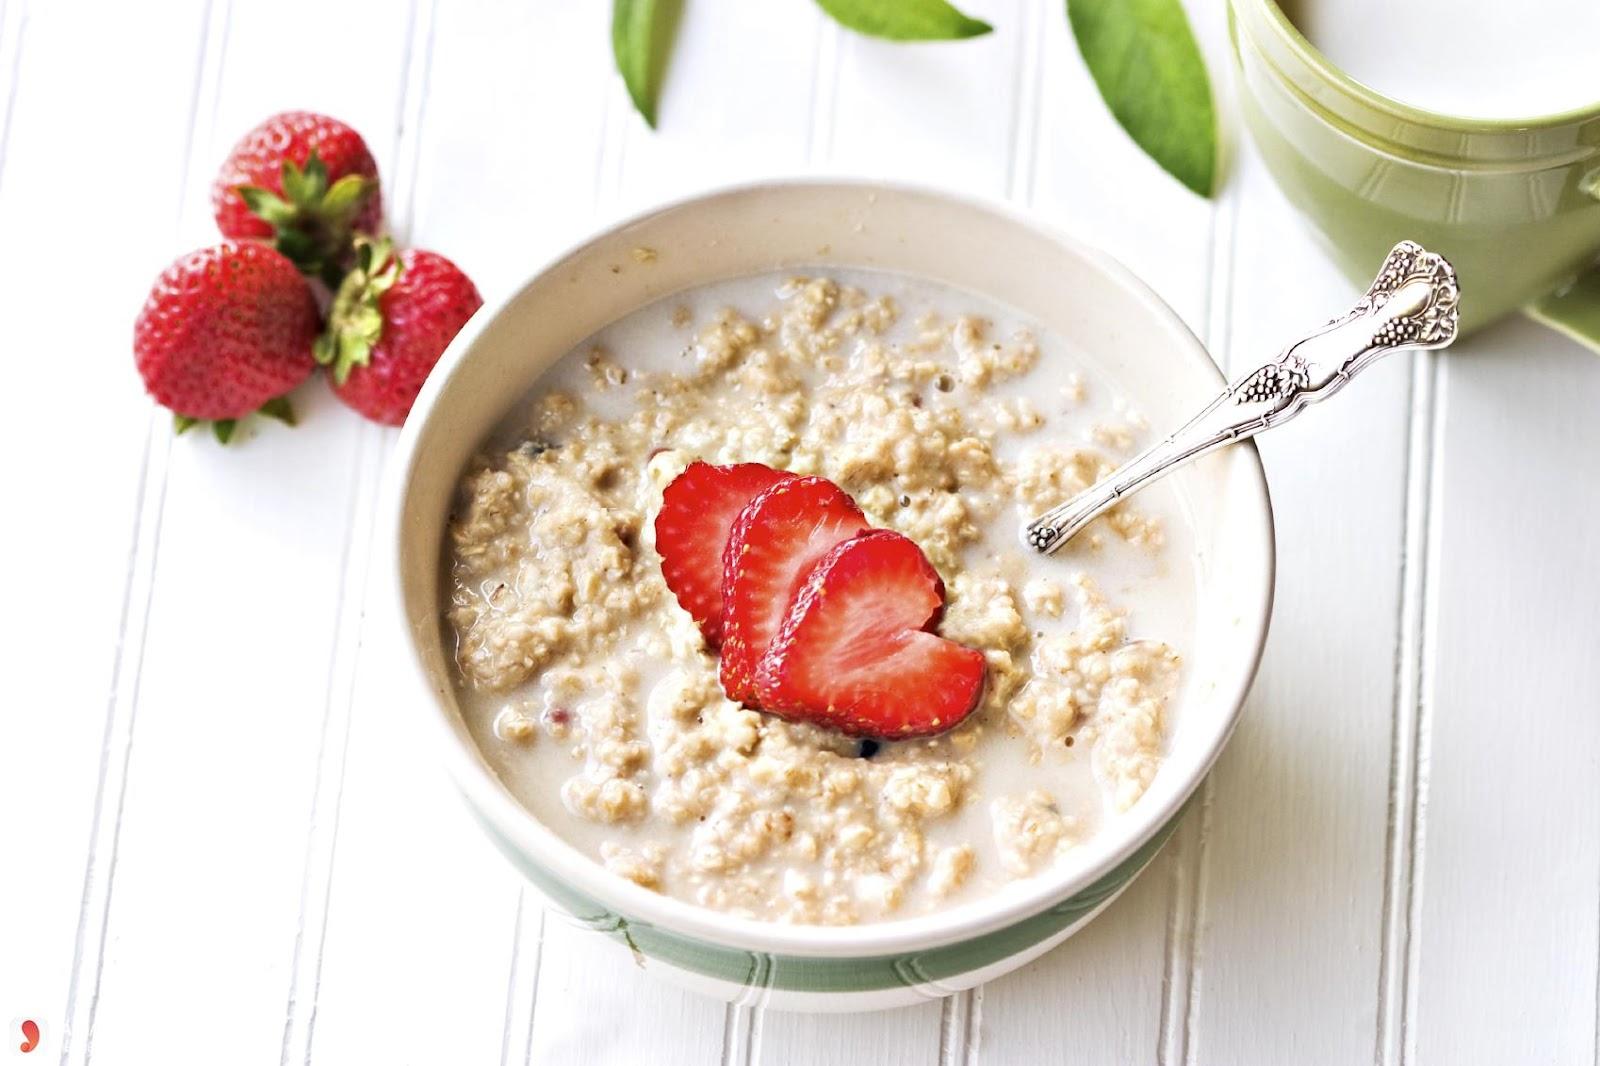 Bột yến mạch trộn sữa và trái cây là lựa chọn bữa sáng hoàn hảo cho người tiểu đường.